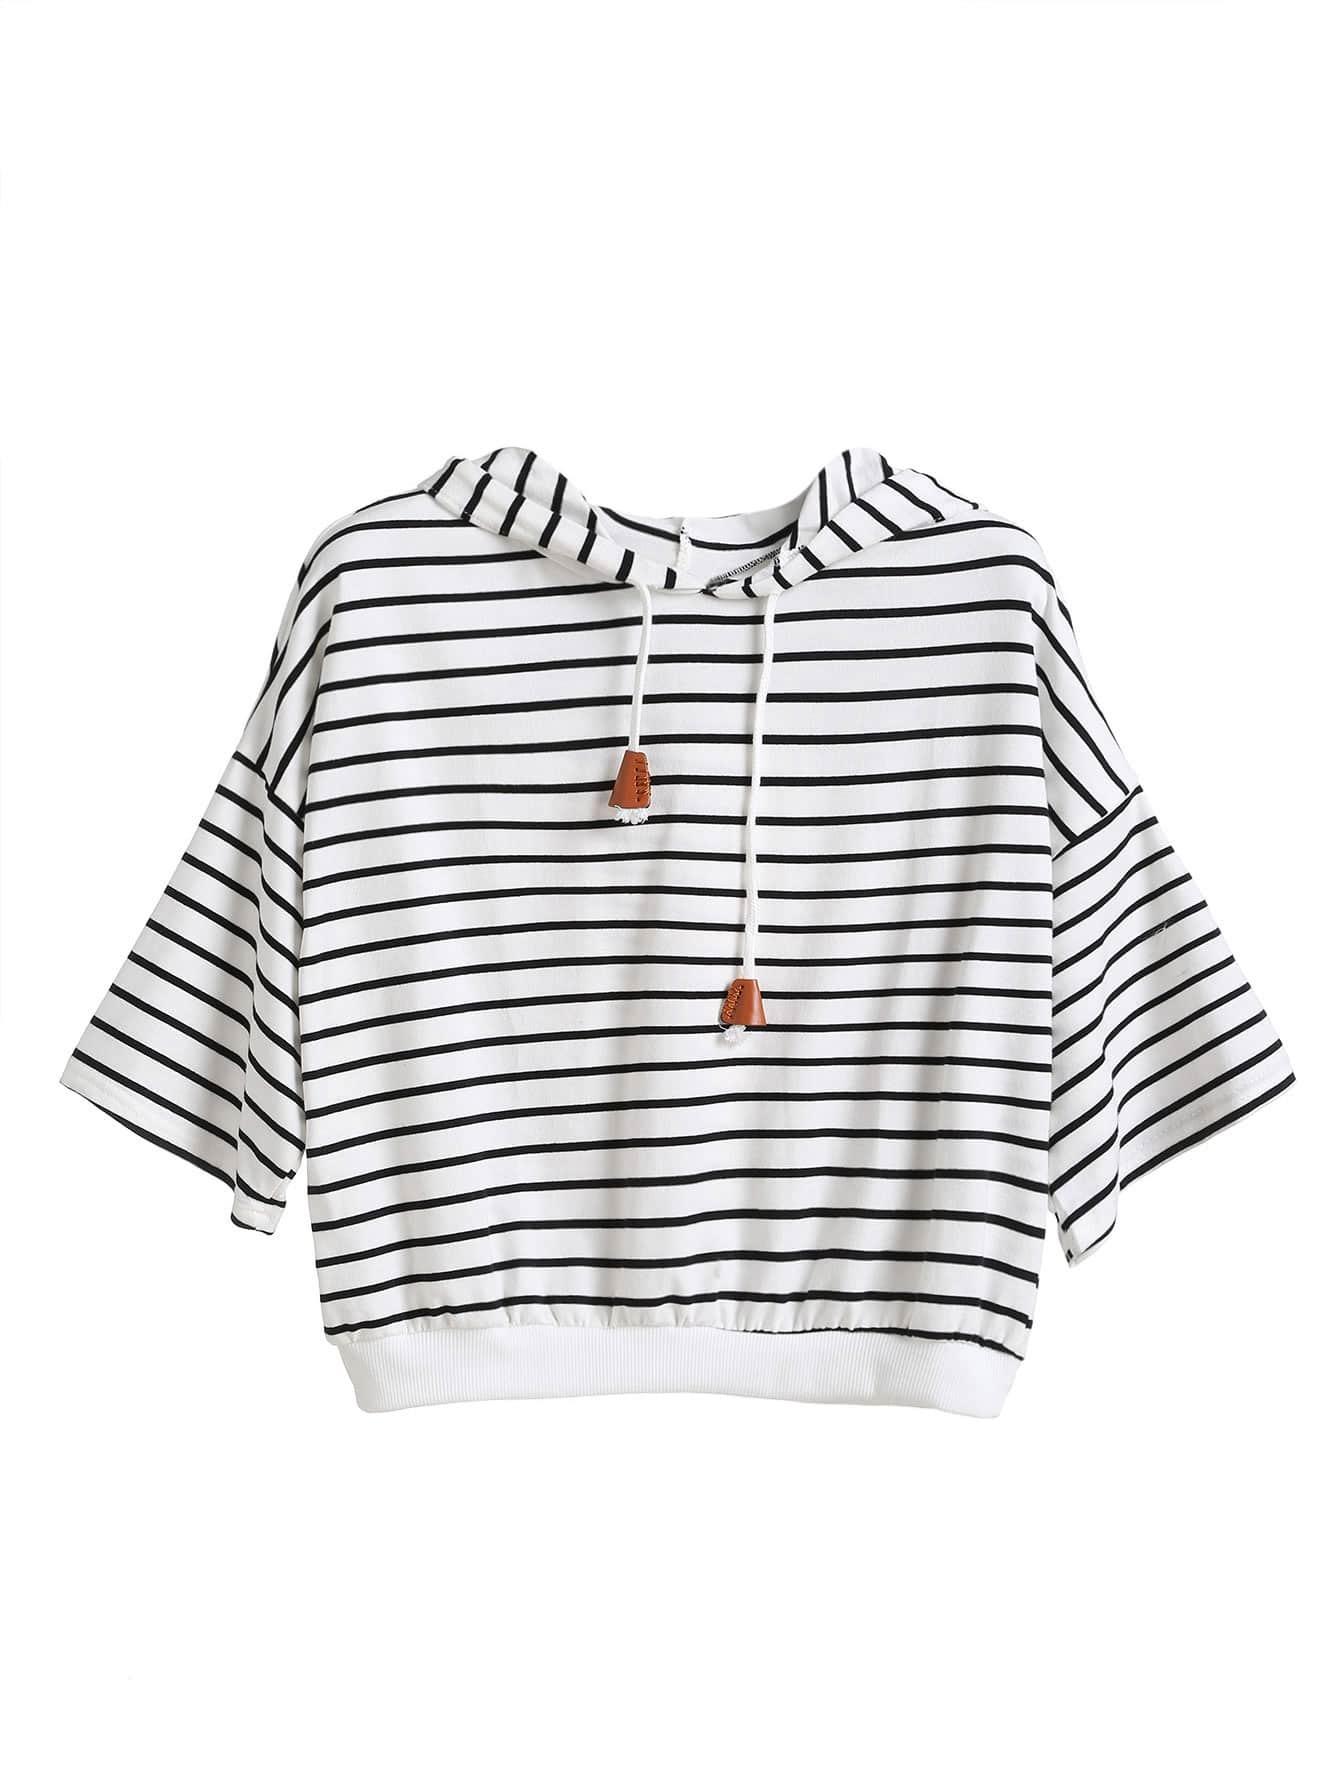 Фото Hoodie Dropped Shoulder Seam Drawstring T-shirt. Купить с доставкой